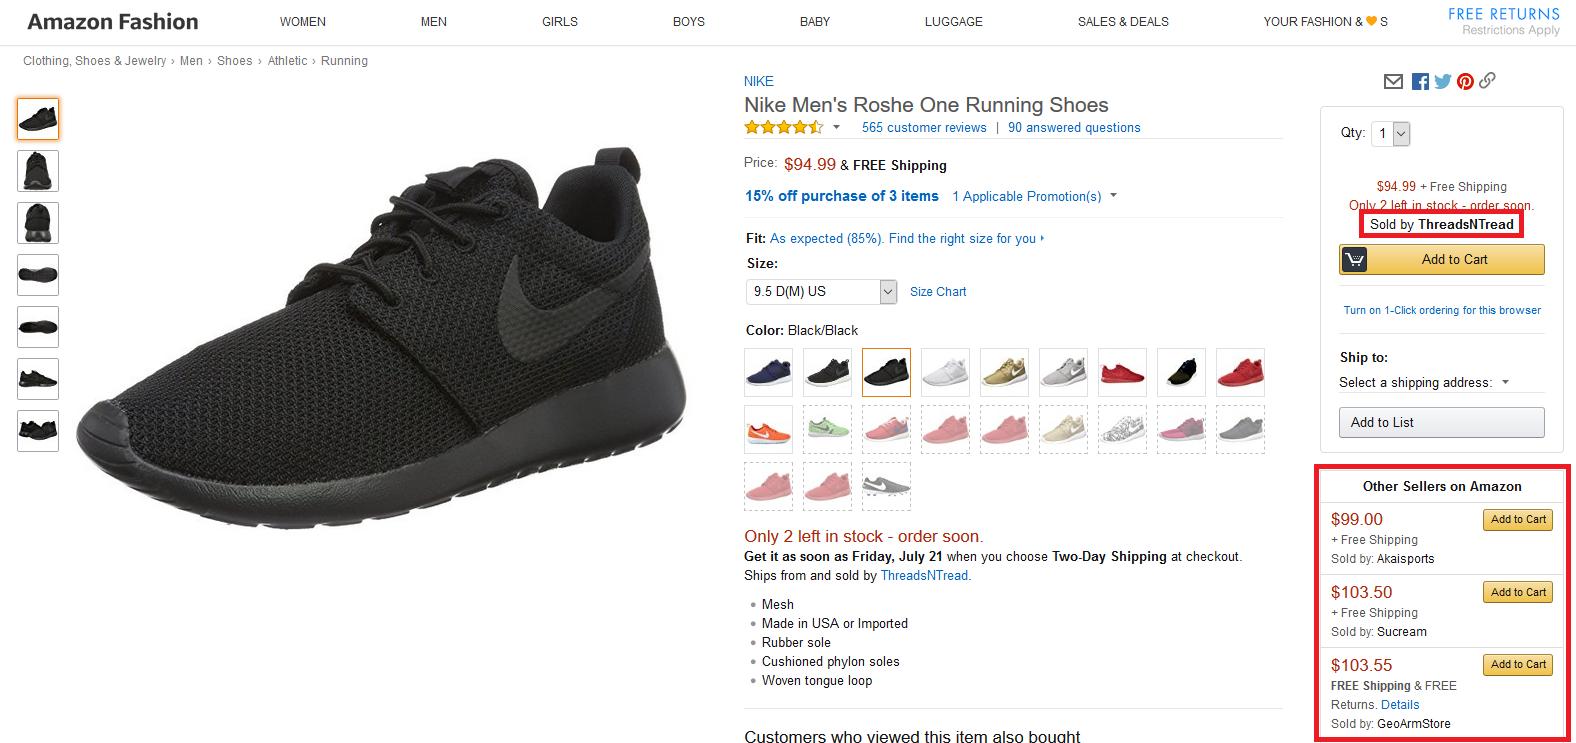 Nike Resellers on Amazon